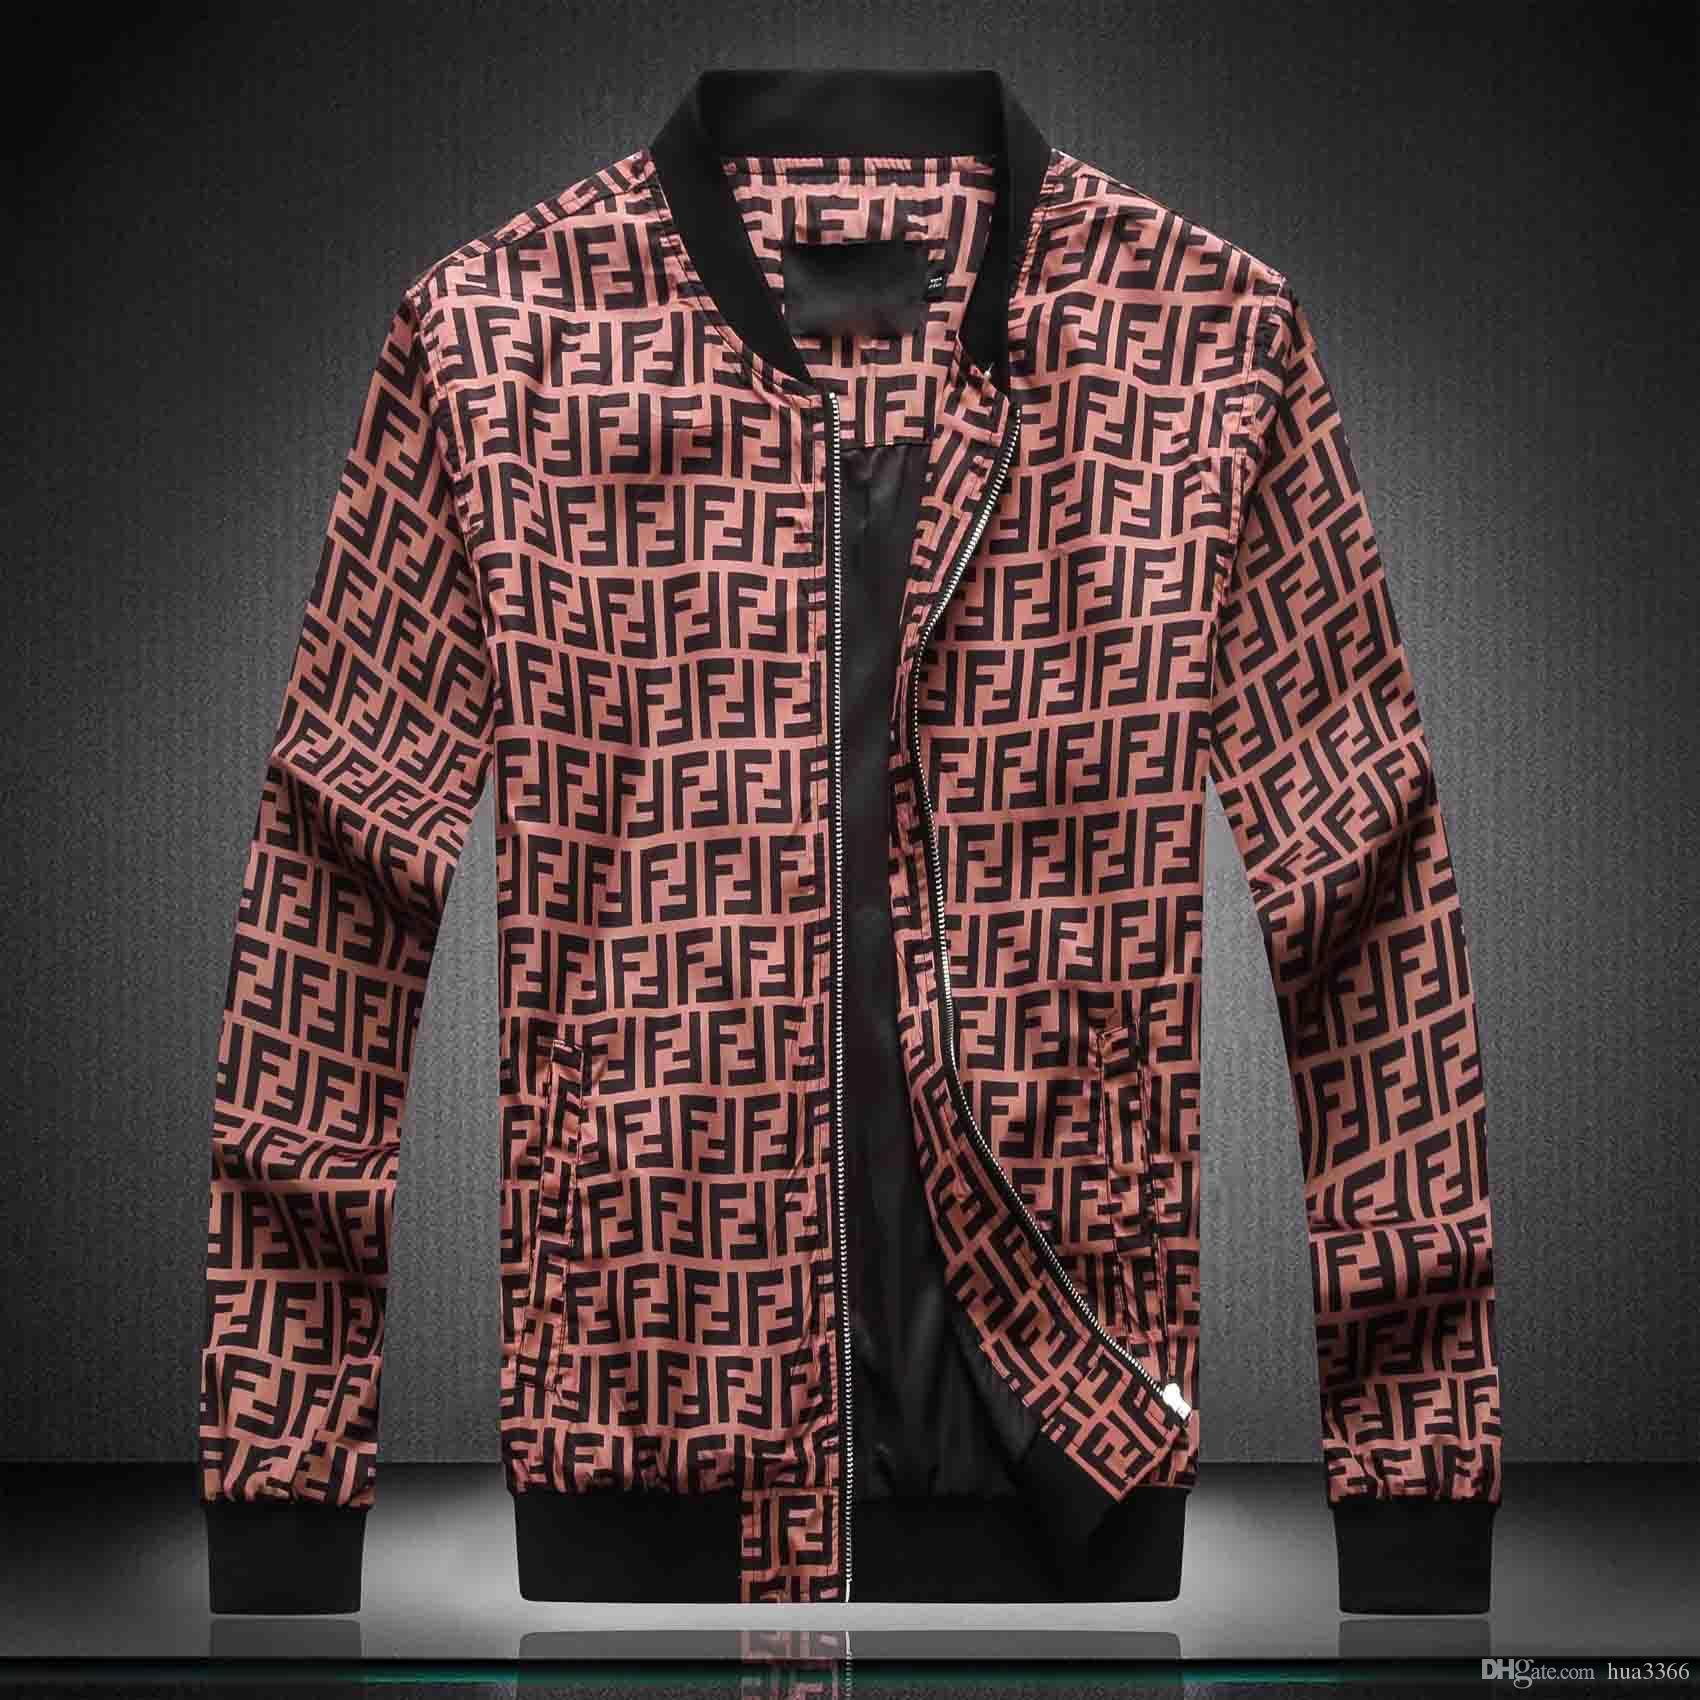 2020ee sonbahar ve kış yeni lüks tasarım Medusa erkek rüzgarlık ceket erkek spor ceket uzun kollu. M-3XL